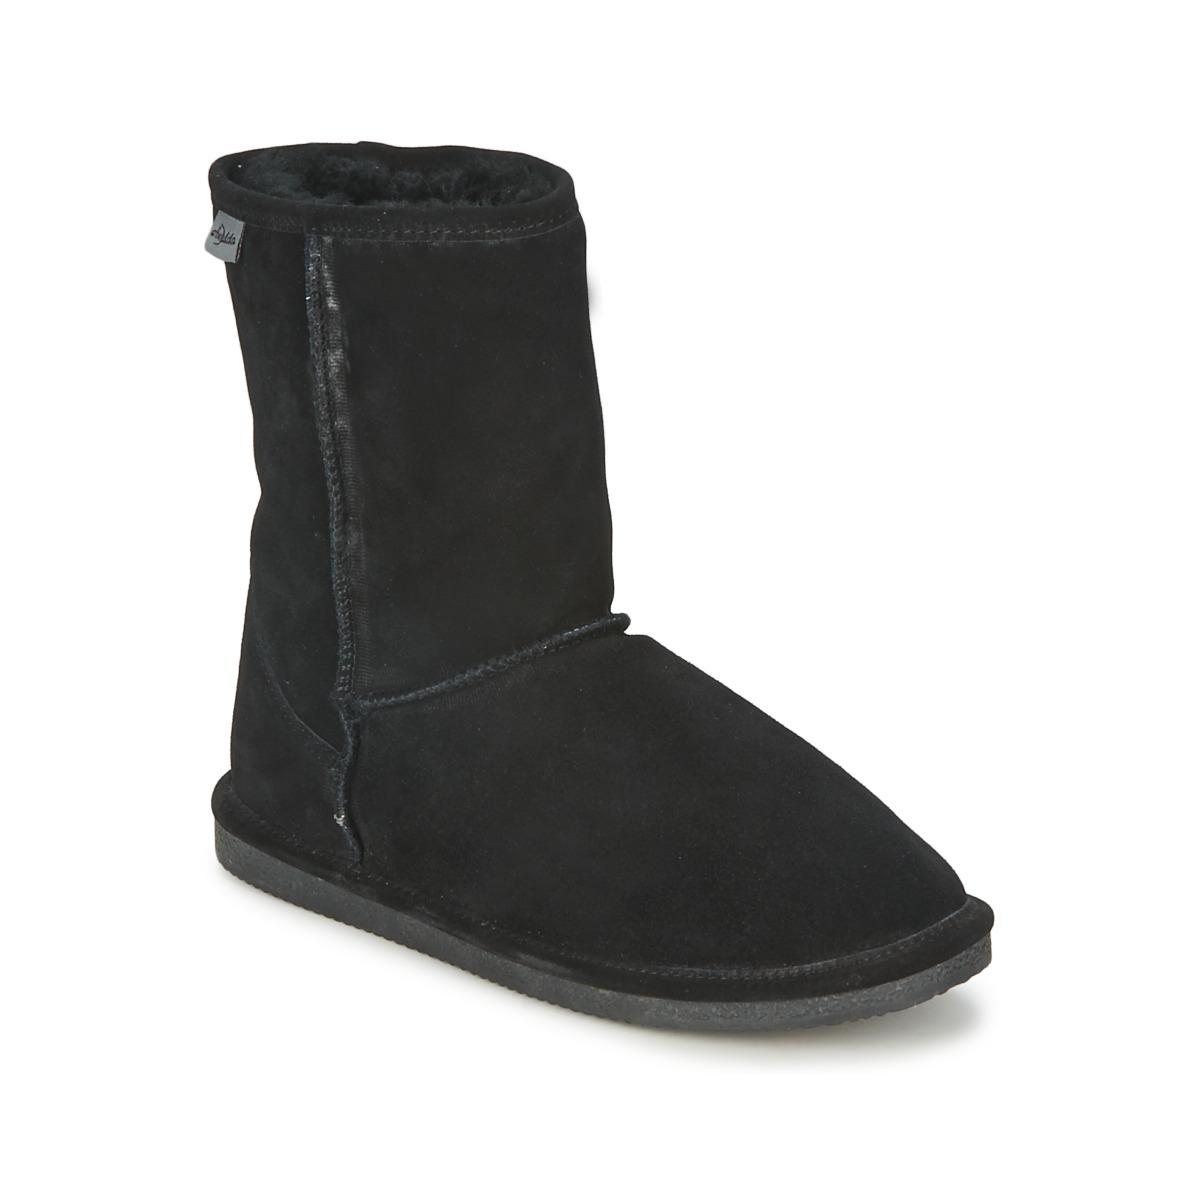 Axelda  Schwarz - Kostenloser Versand bei Spartoode ! - Schuhe Boots Damen 47,50 €